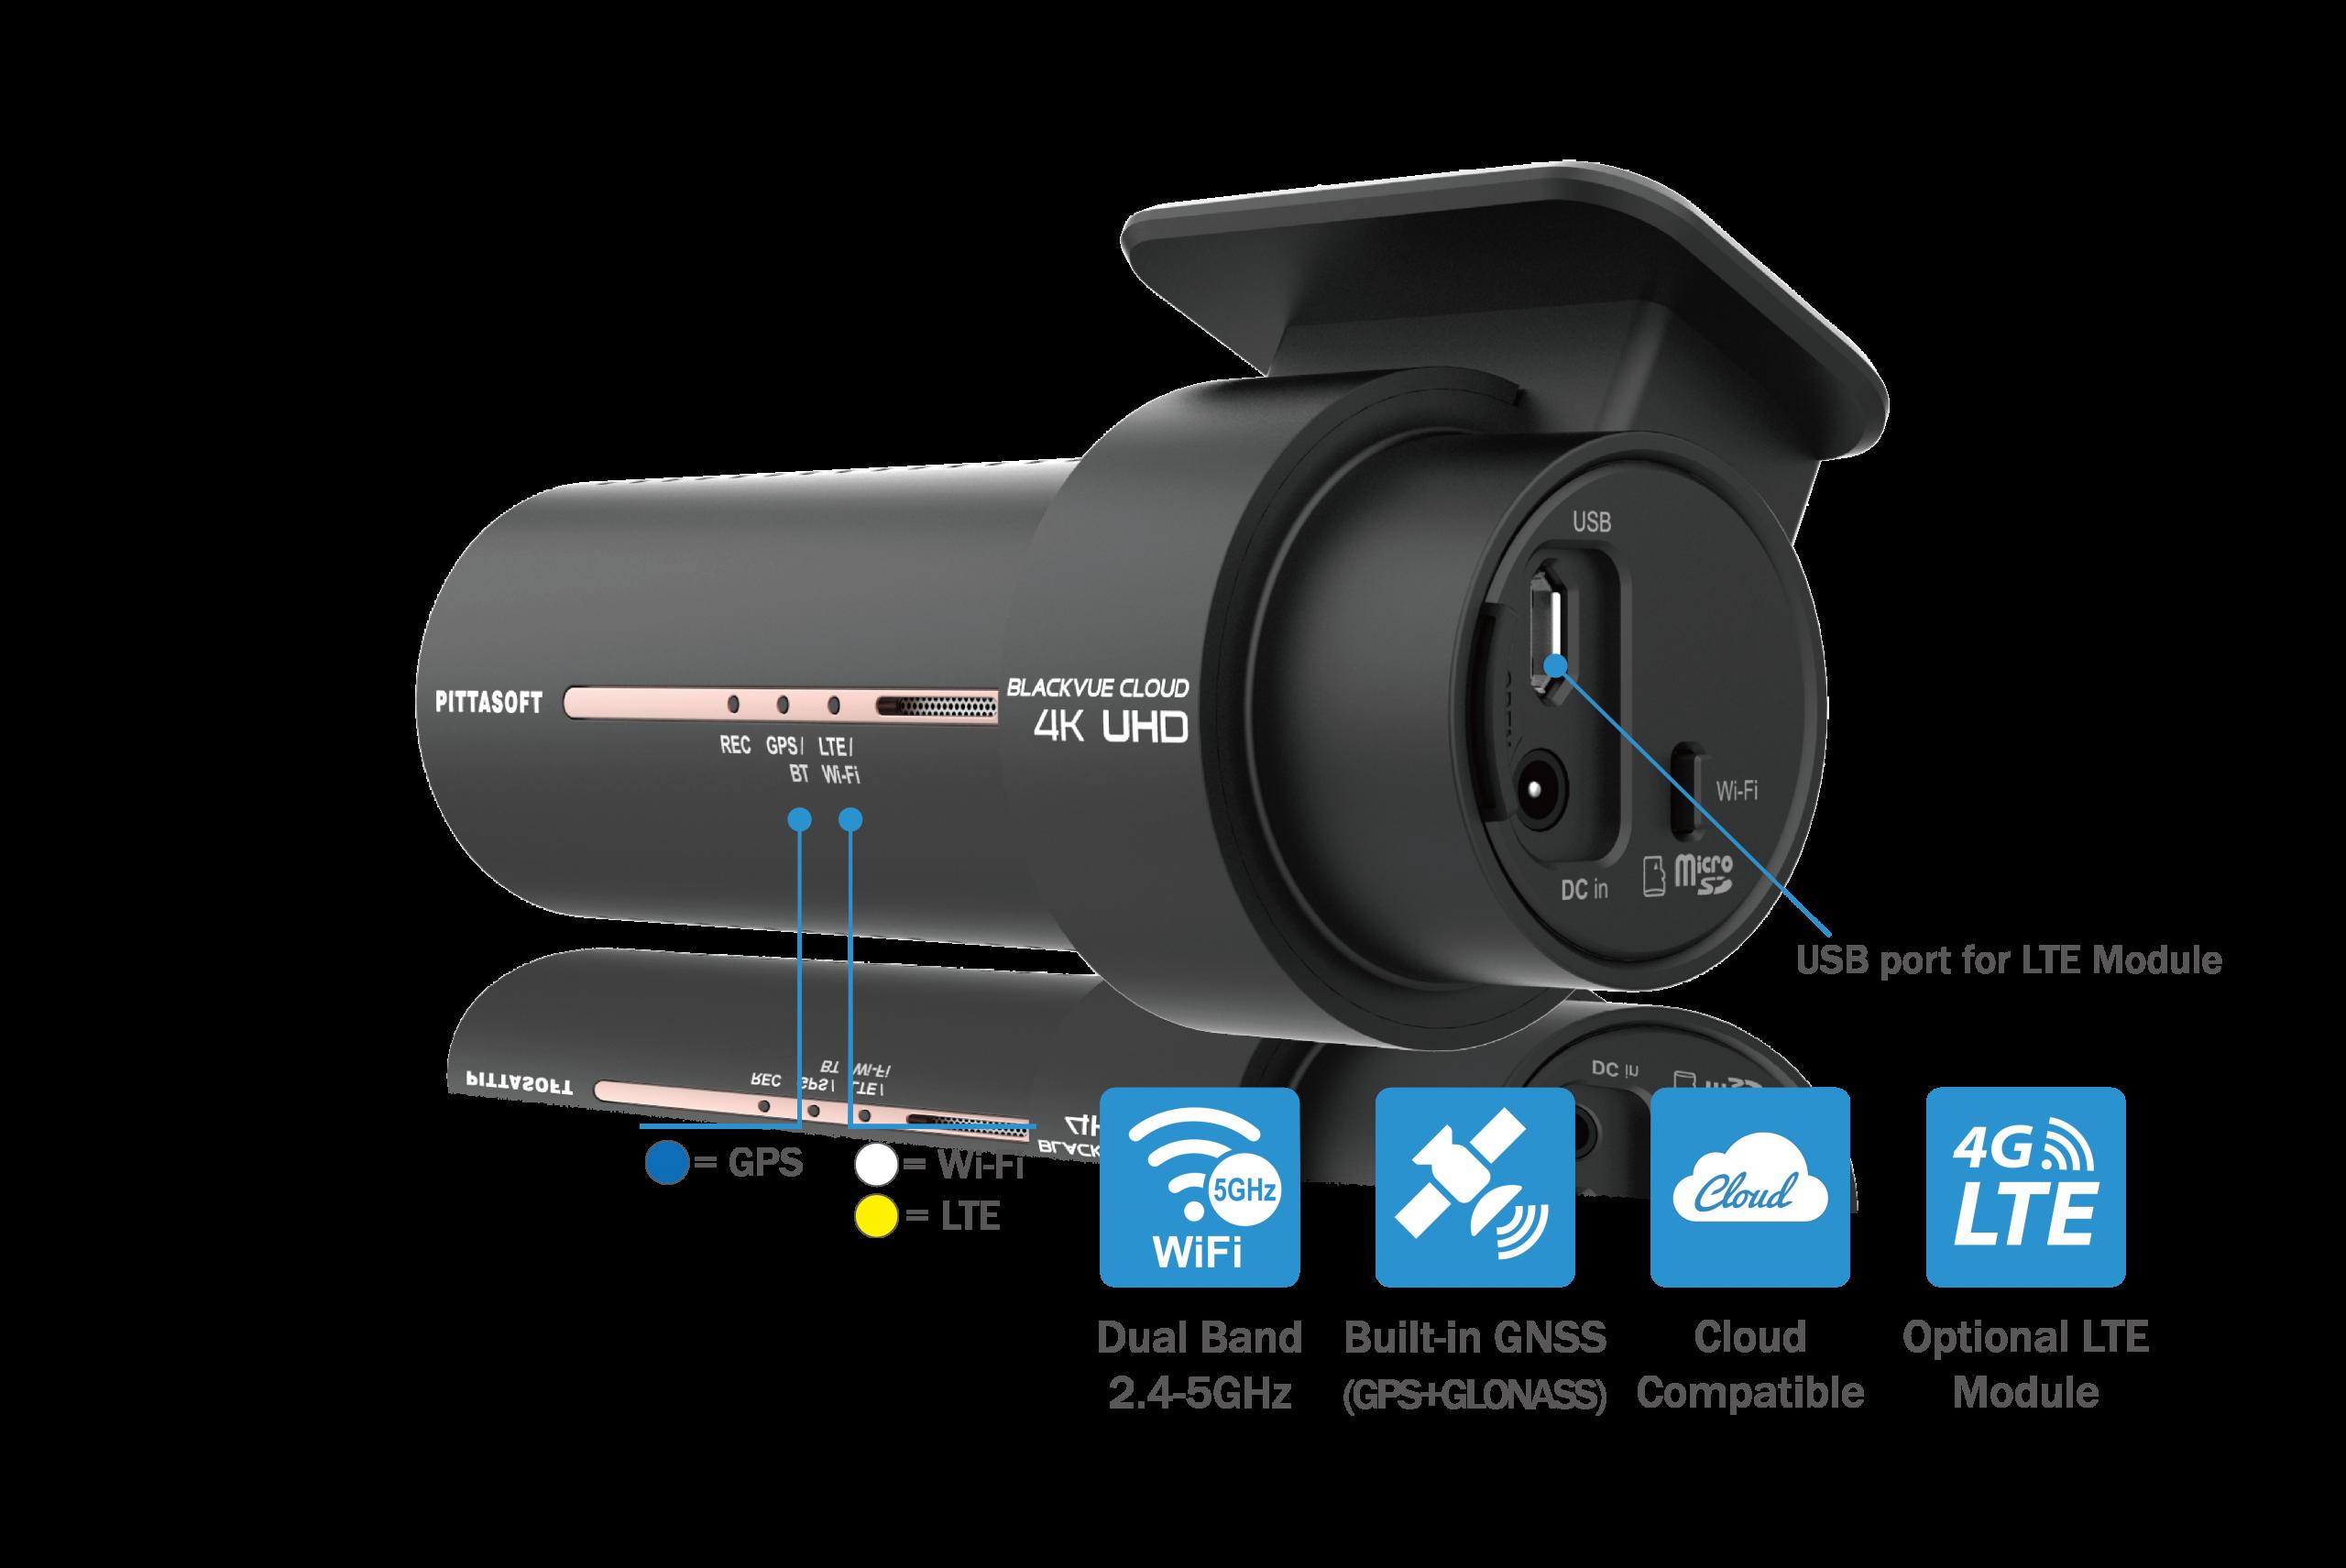 دوربین خودرو بلک ویو مجهز به جی پی اس gps